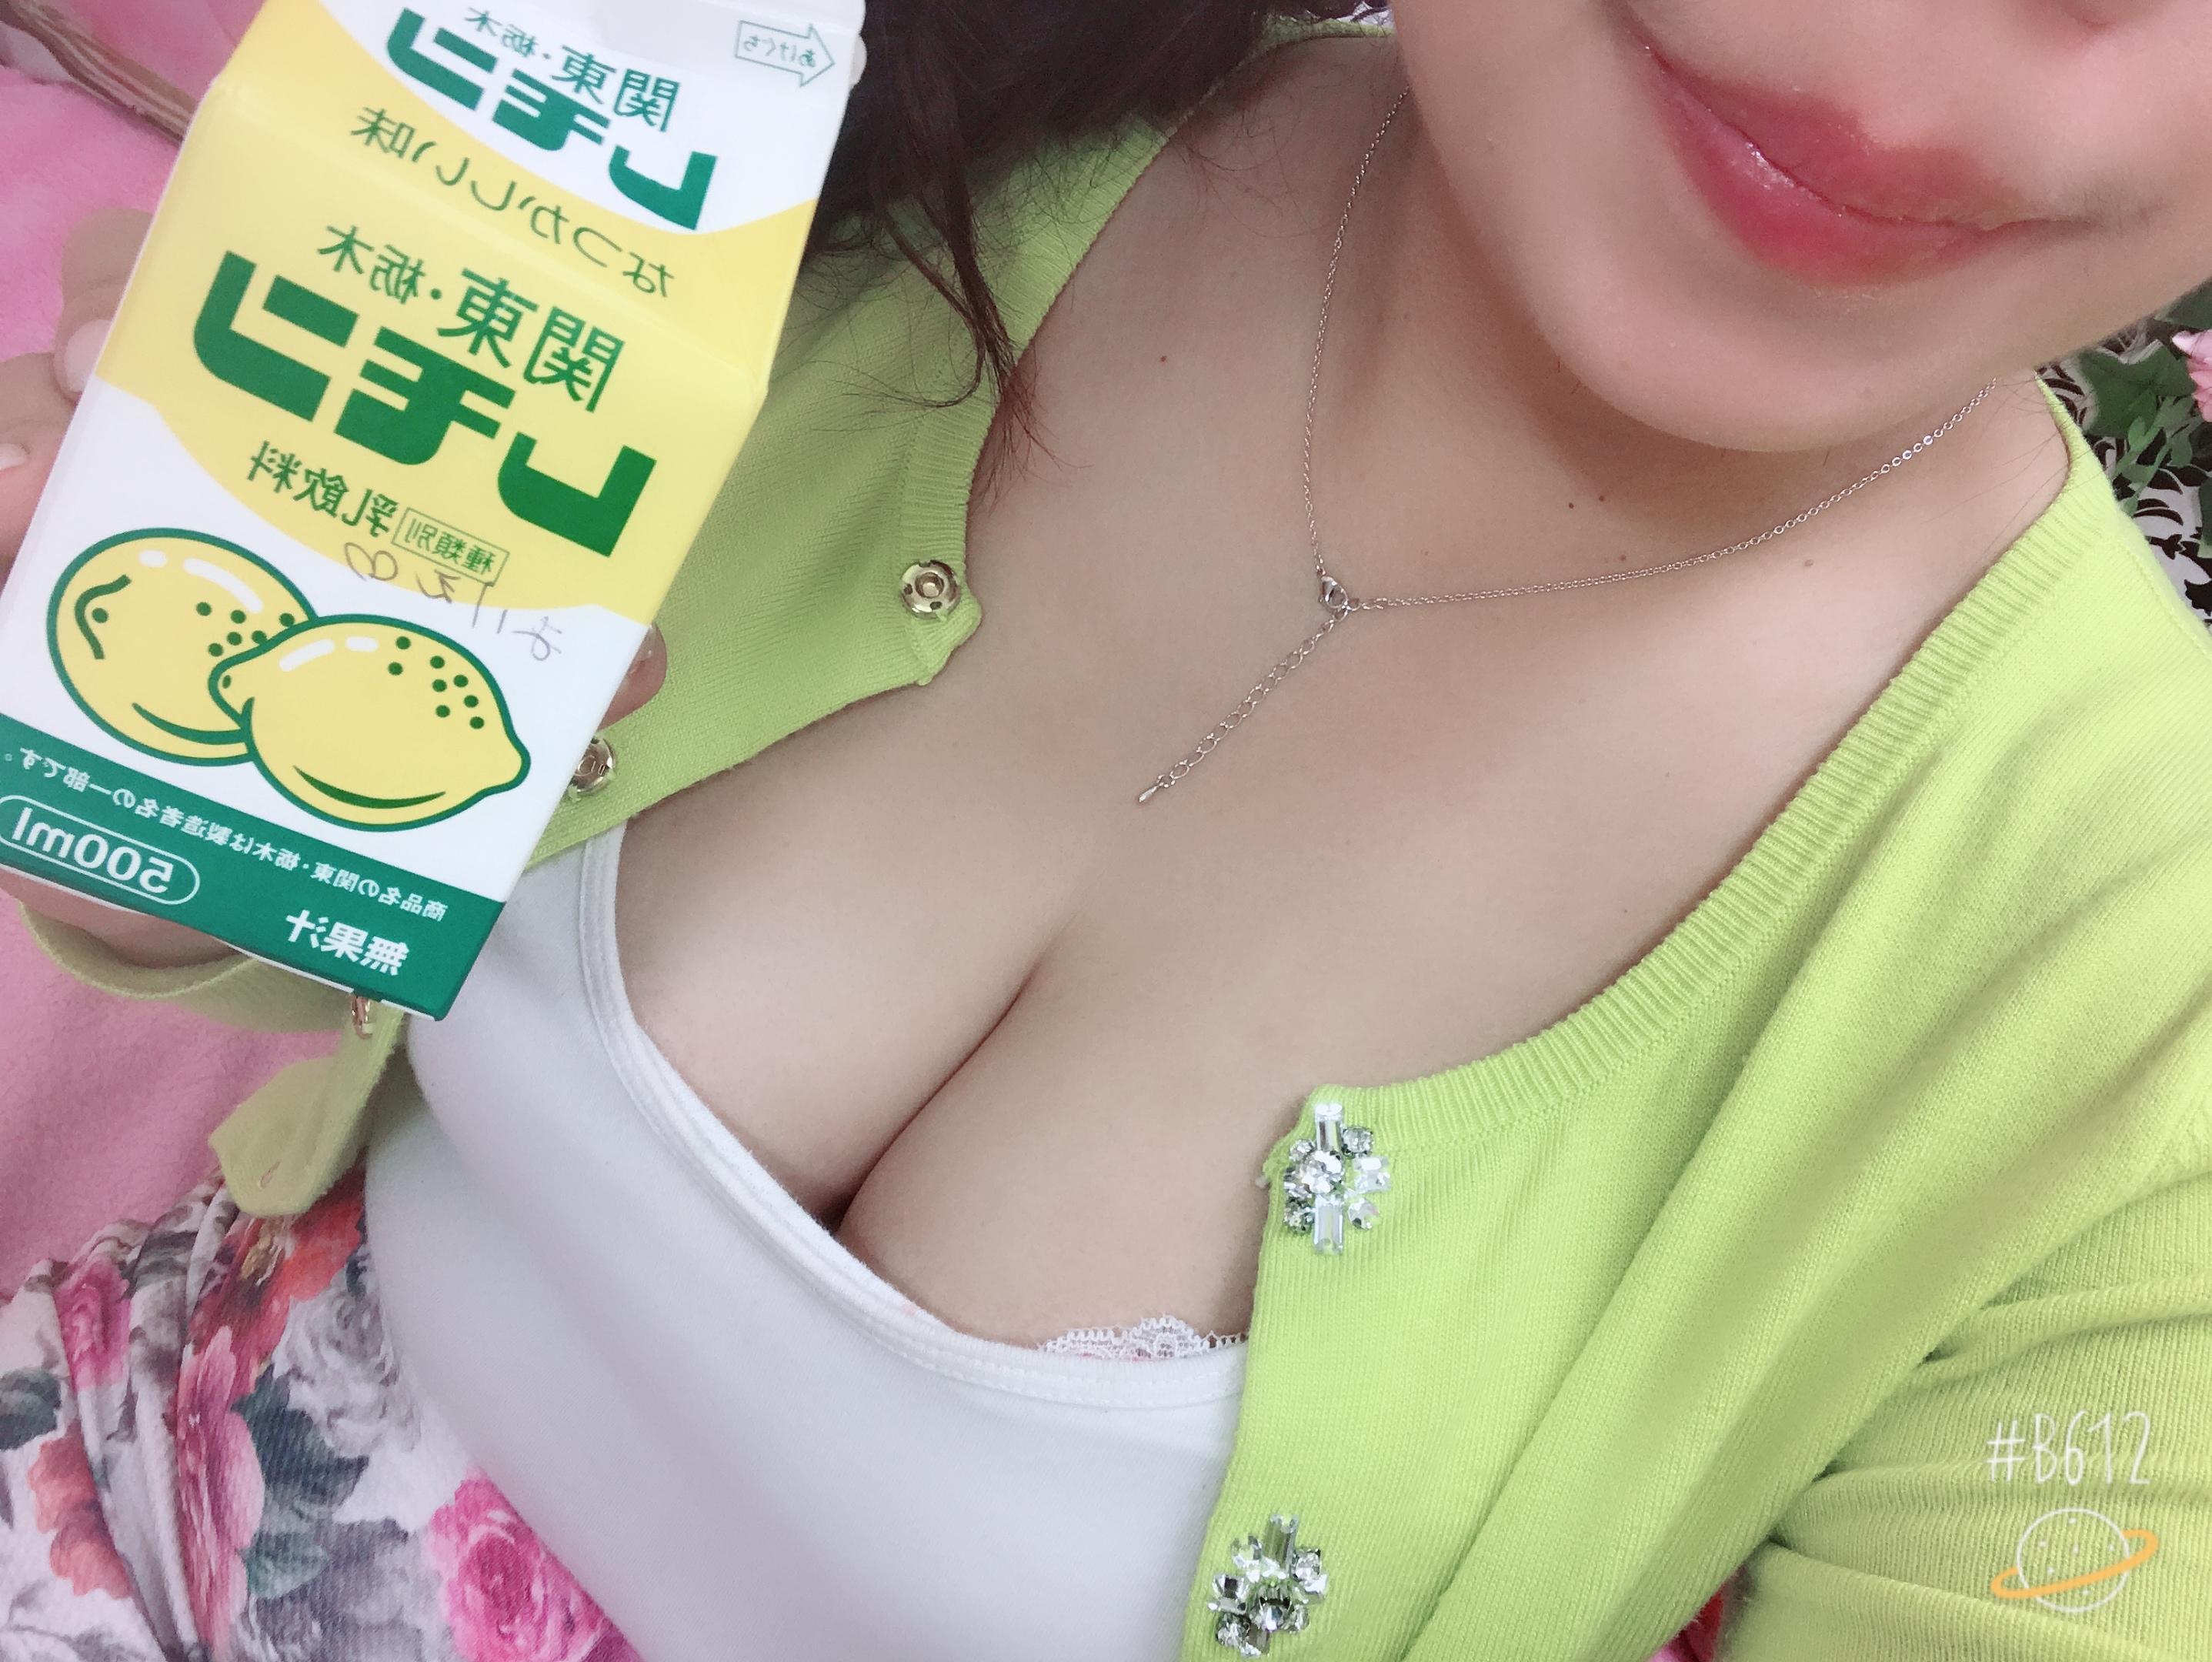 人妻さん日誌:レモン🍋牛乳